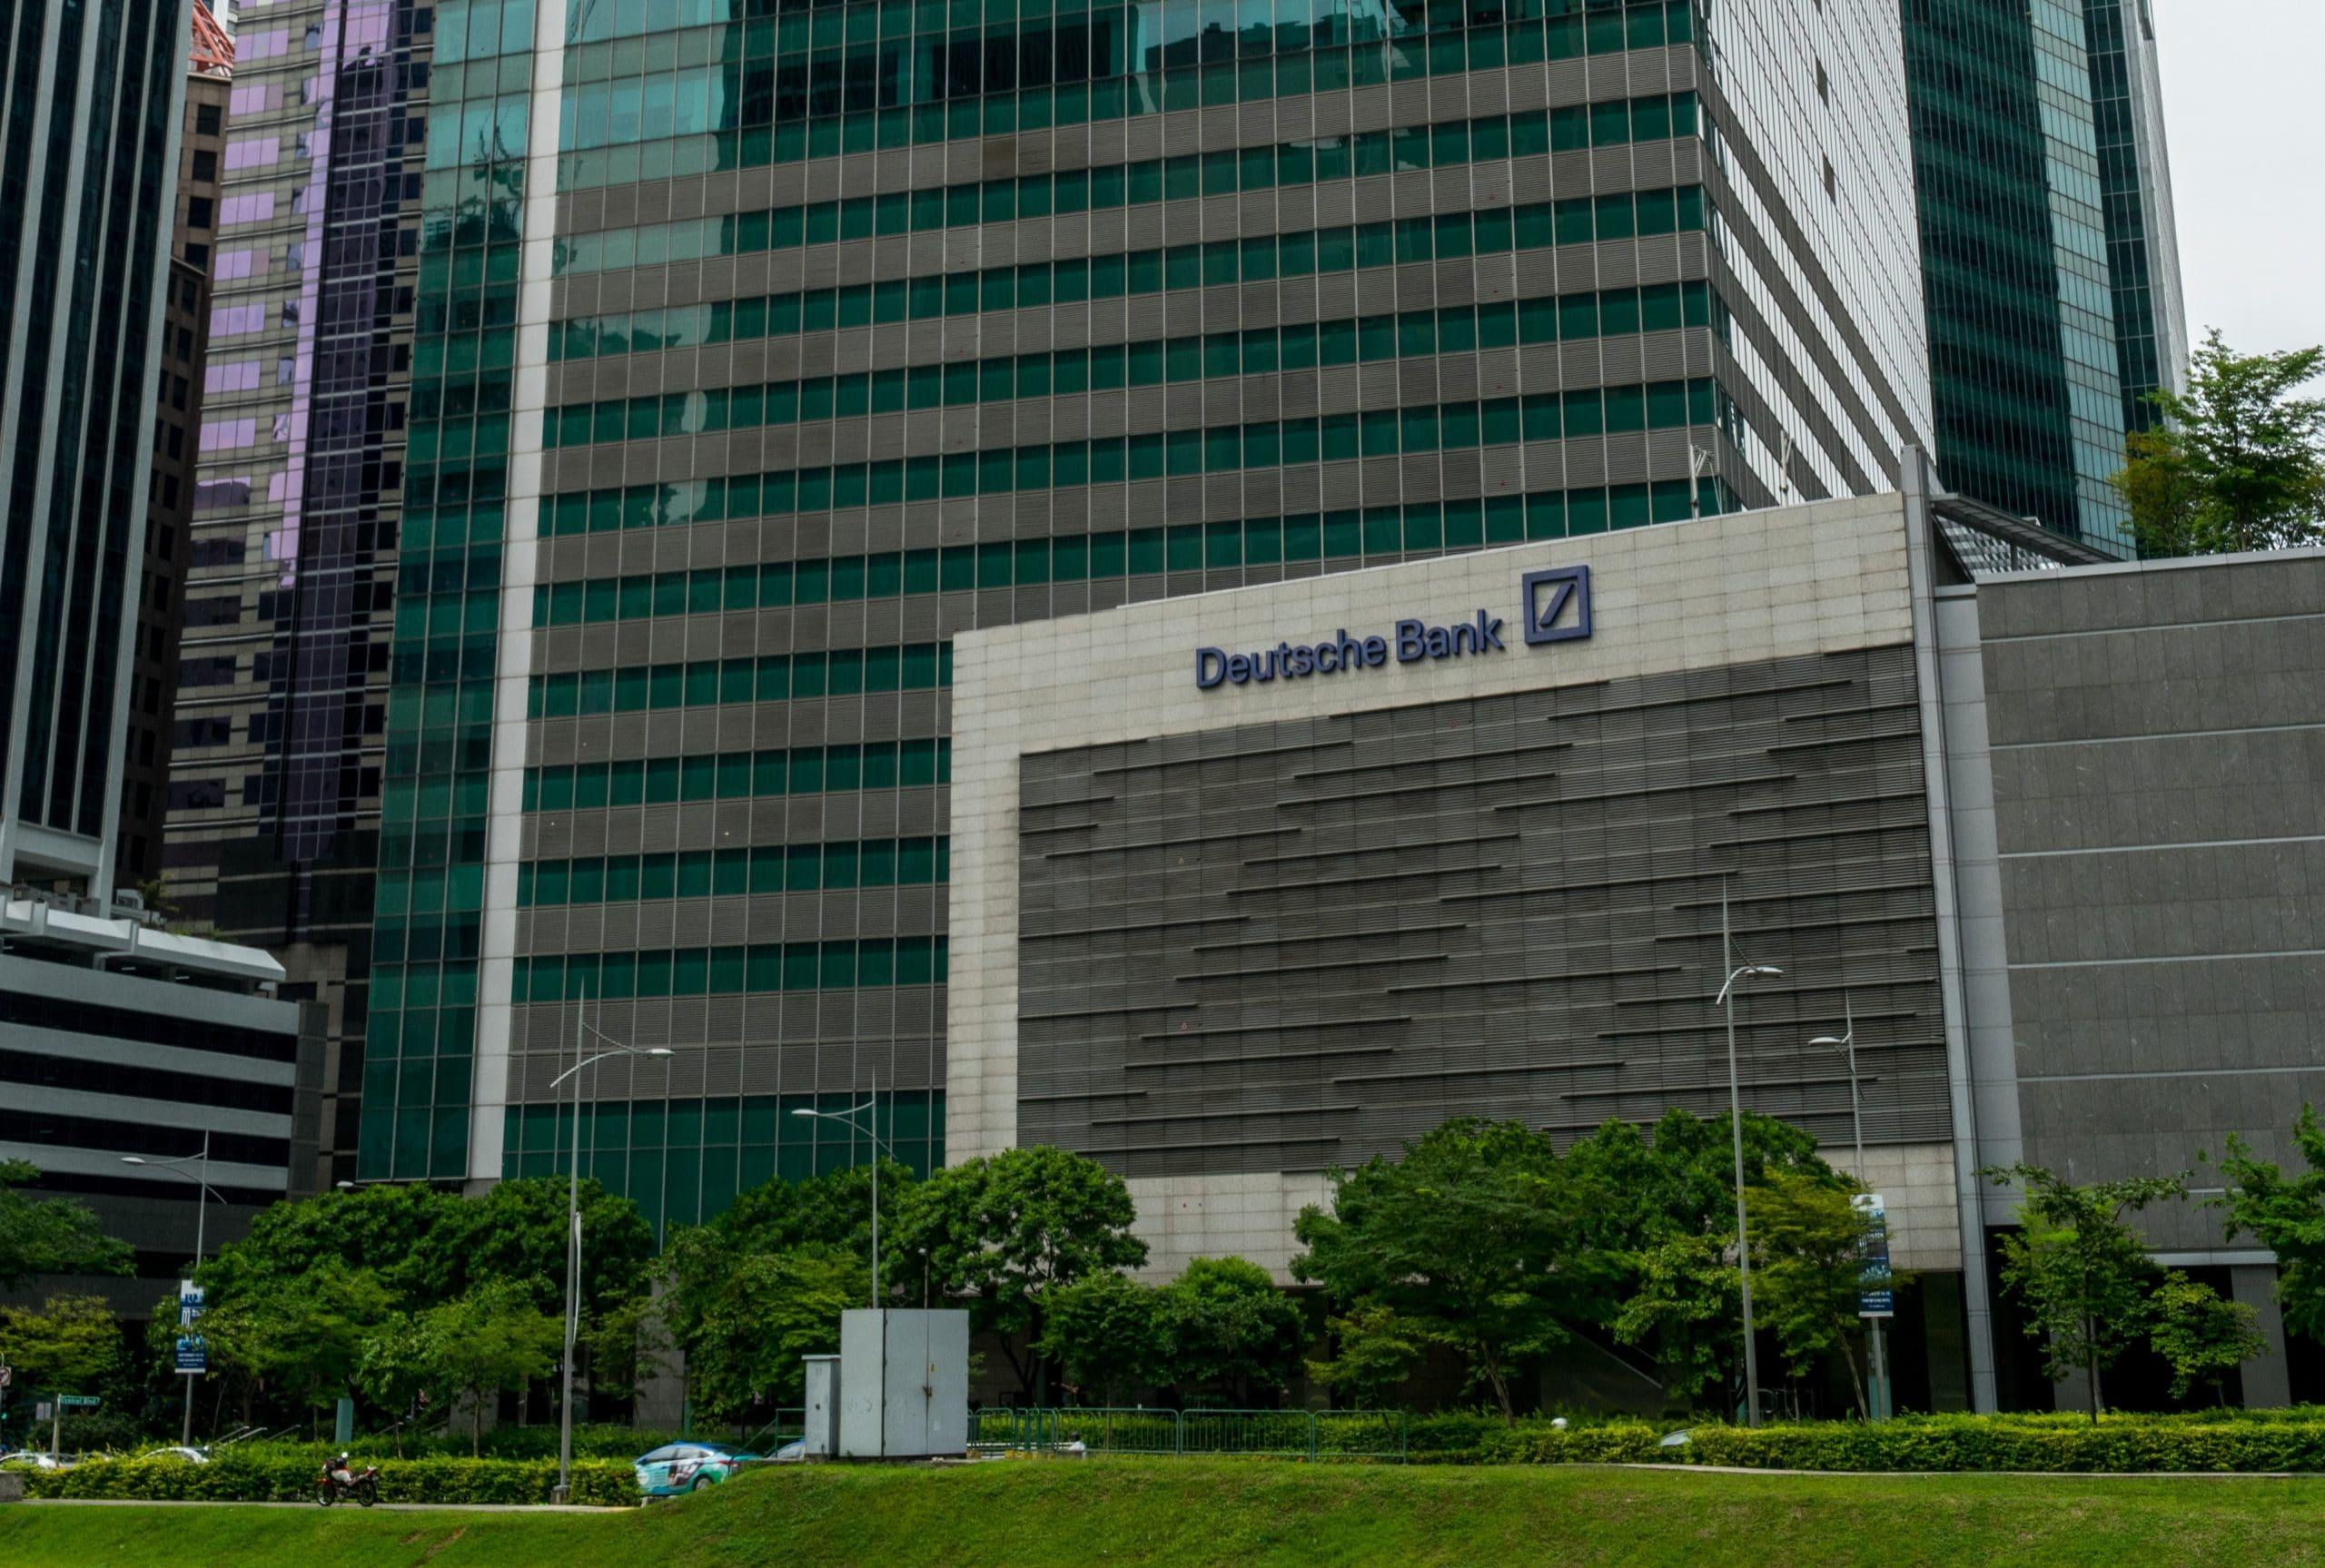 Deutsche Bank swift codes